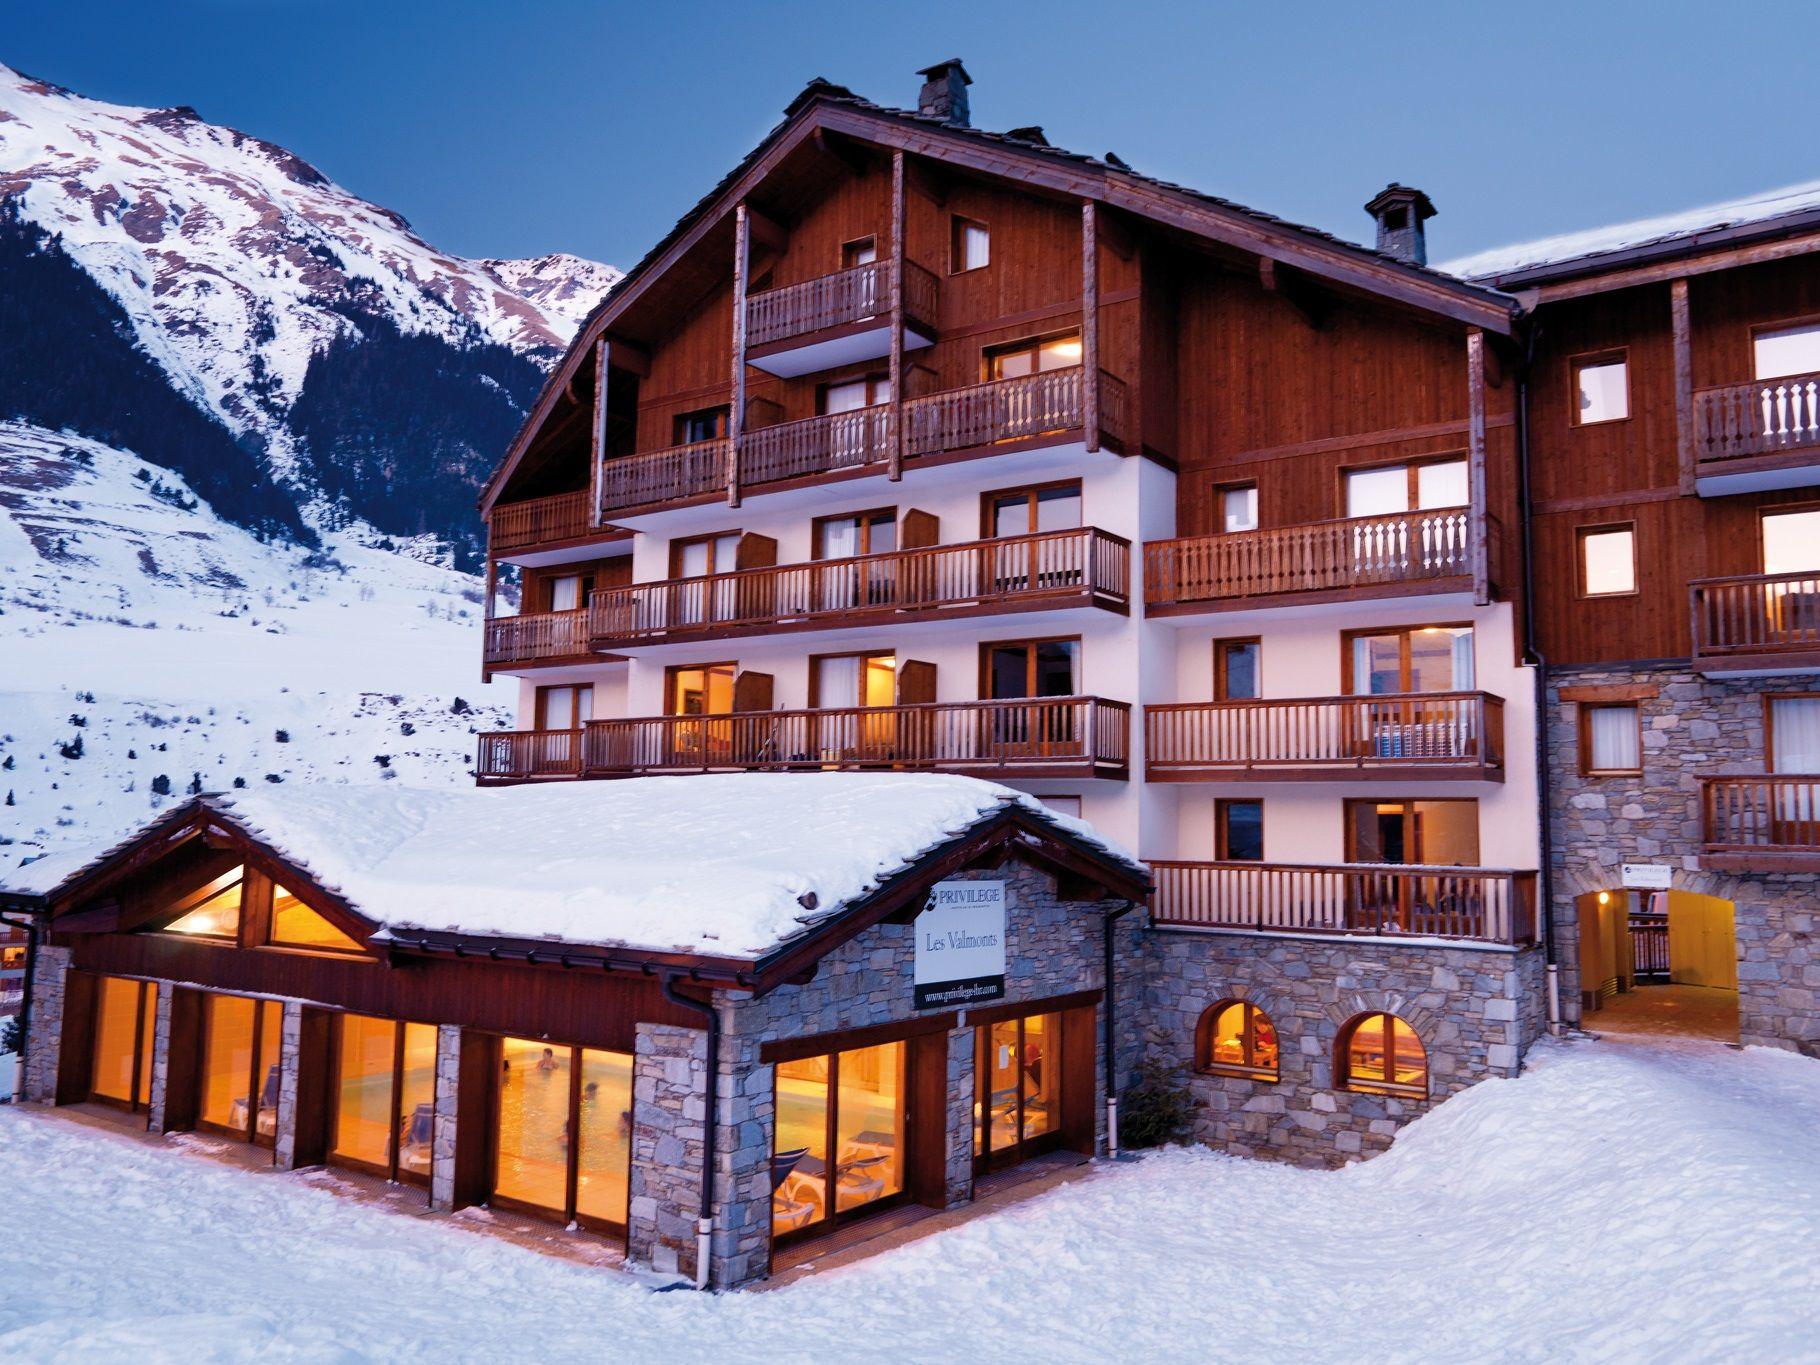 Chalet-appartement Les Valmonts de Val Cenis - 4-6 personen